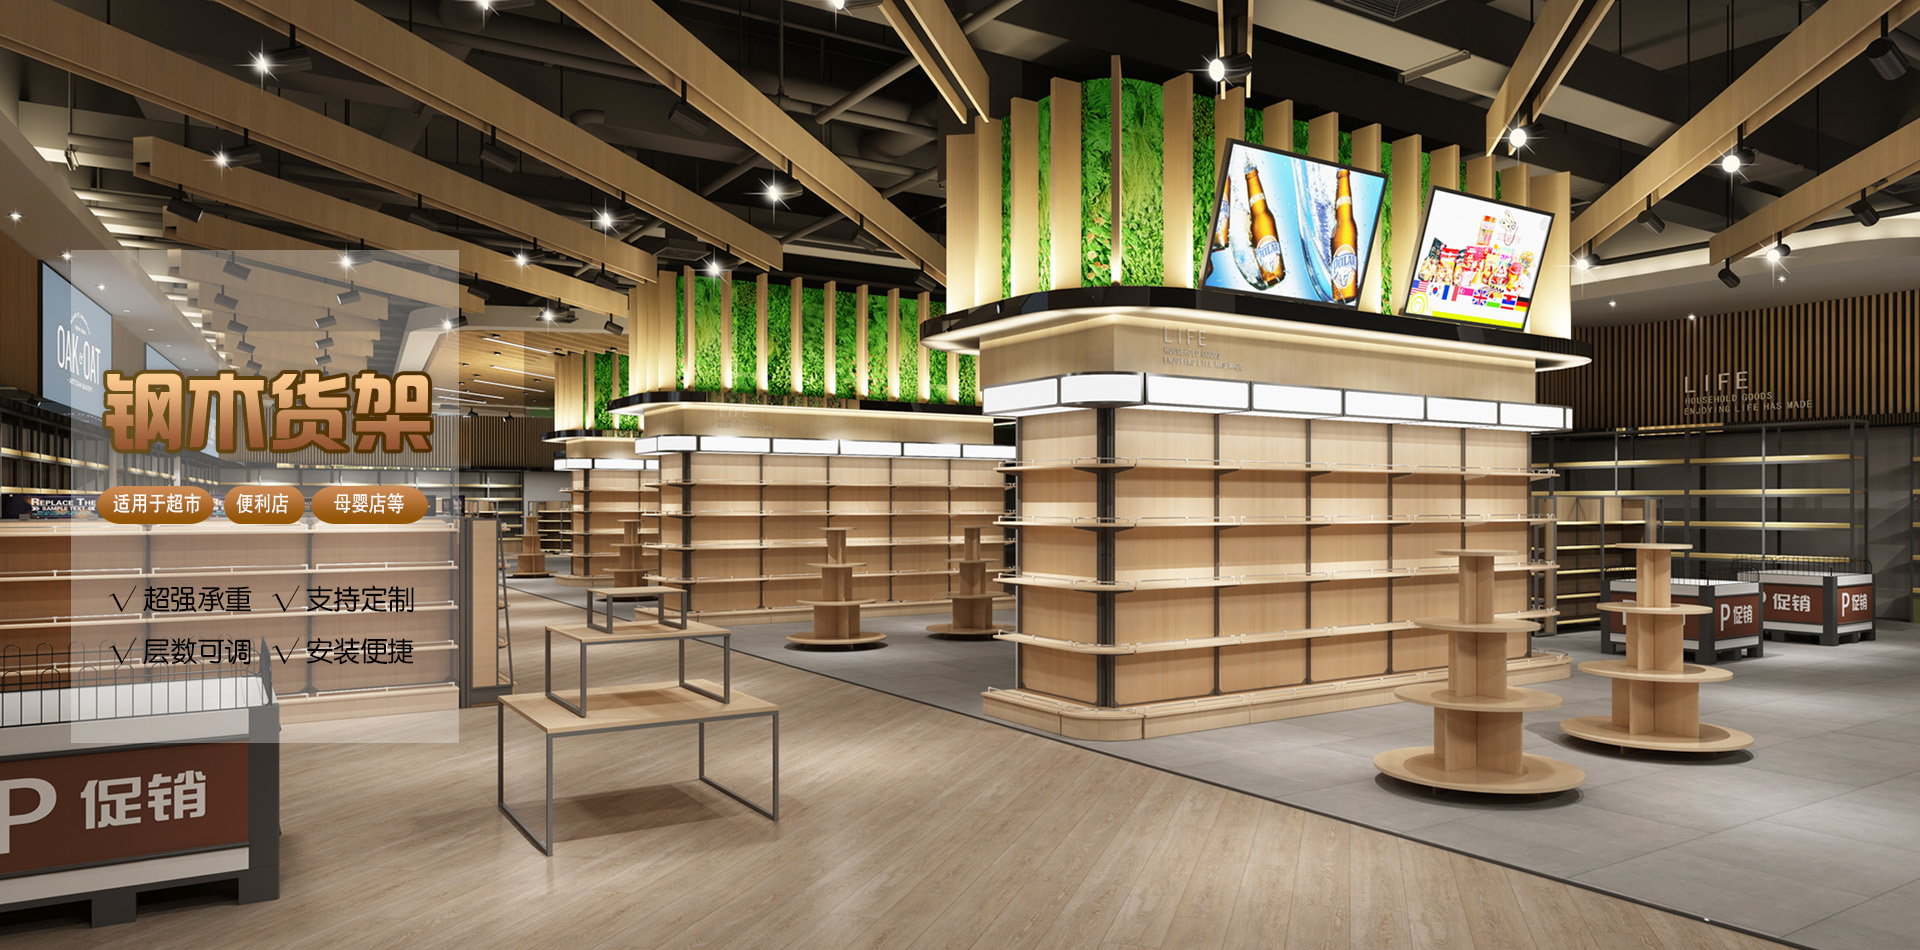 青岛超市货架